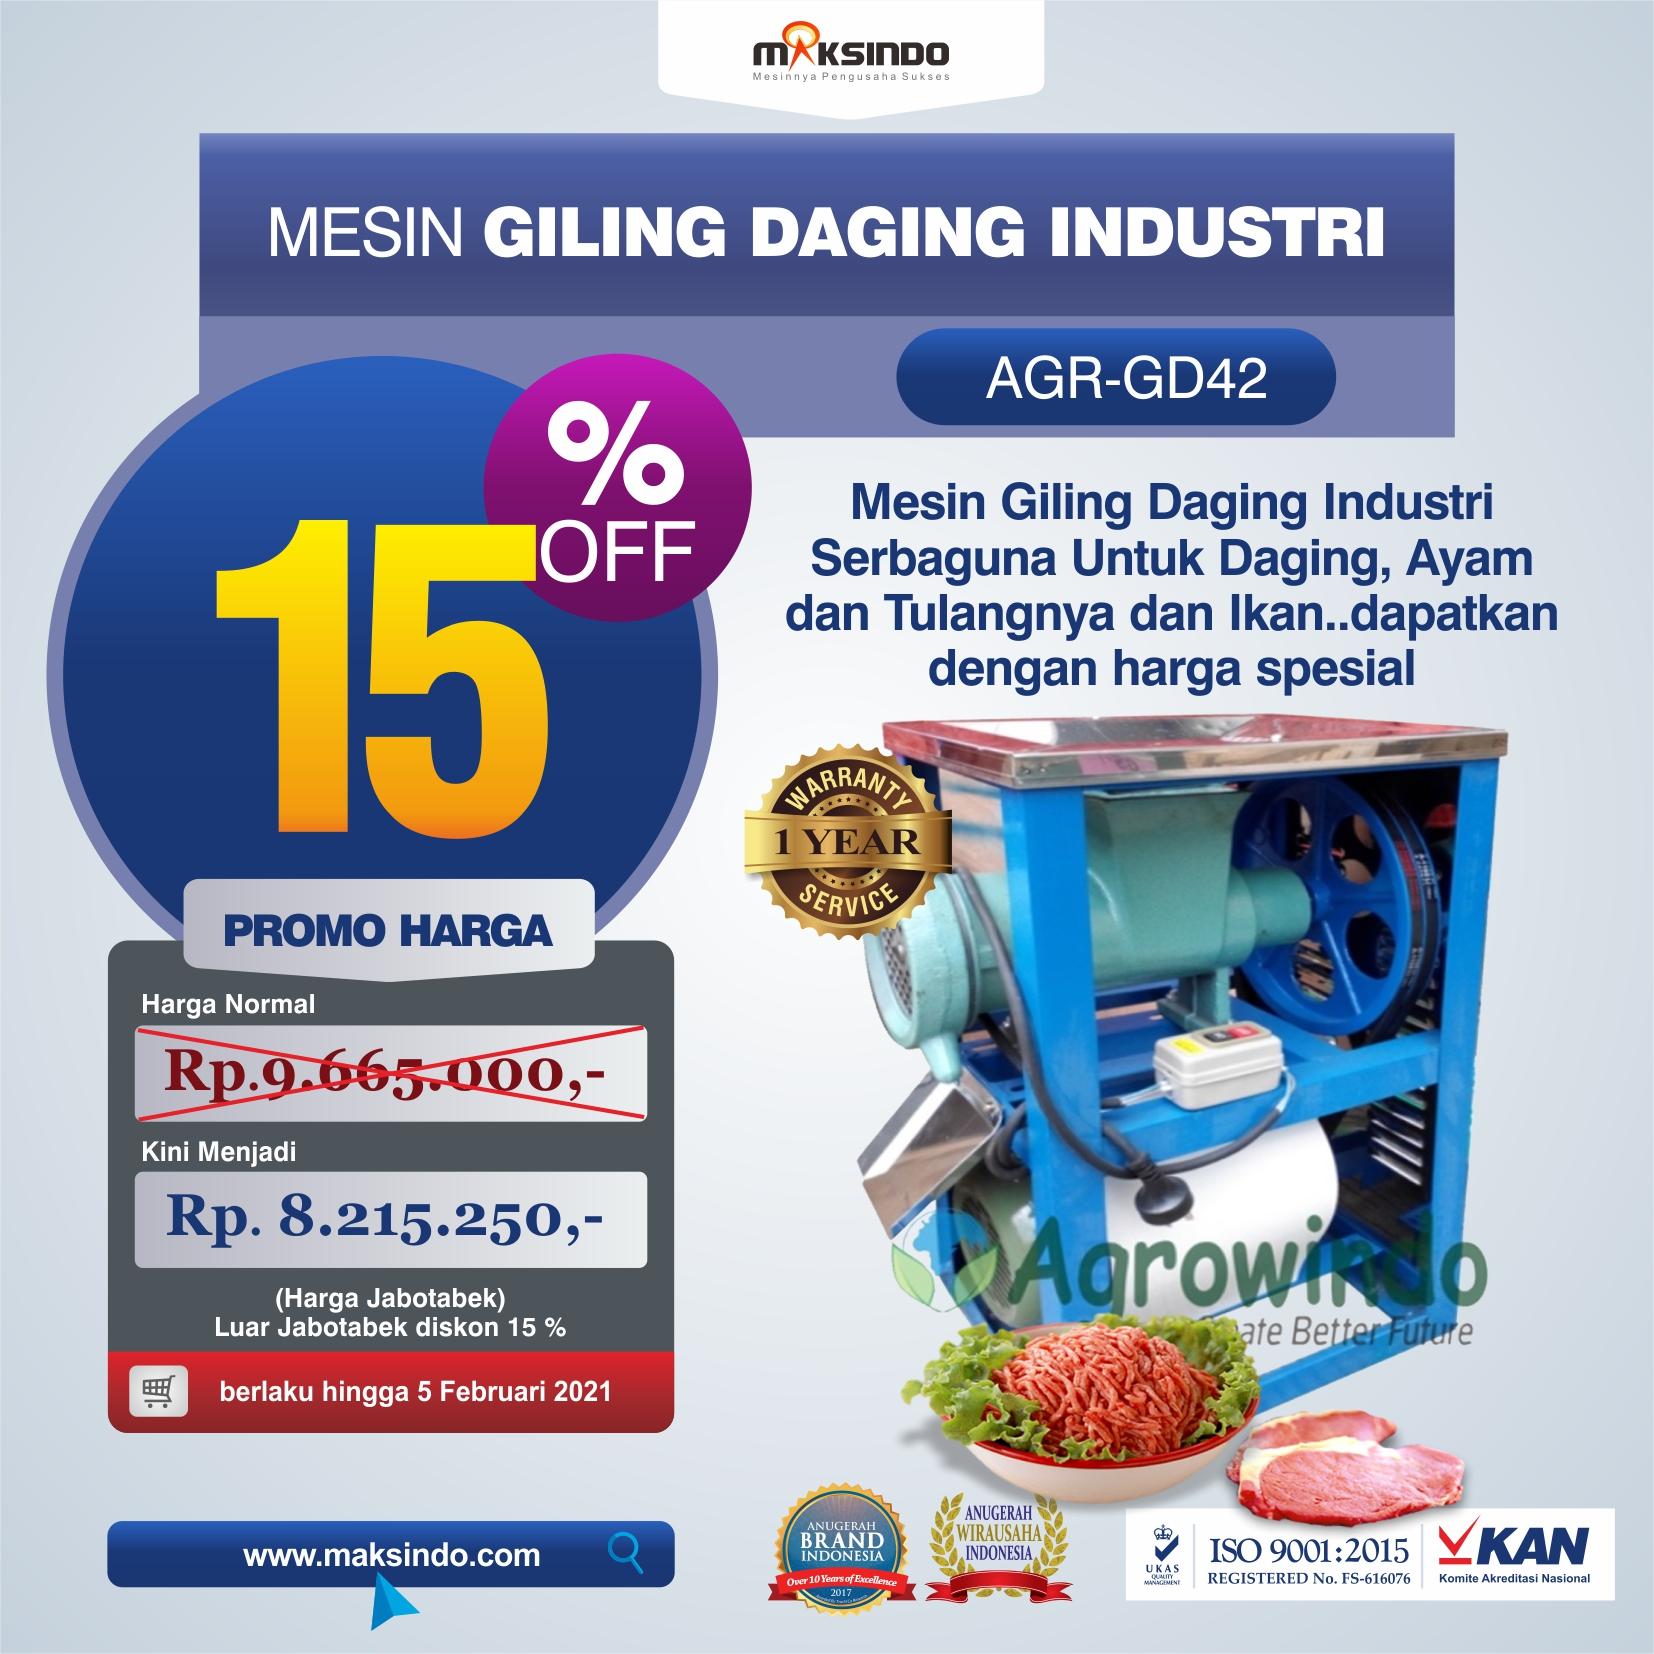 Jual Mesin Giling Daging Industri (AGR-GD42) di Solo